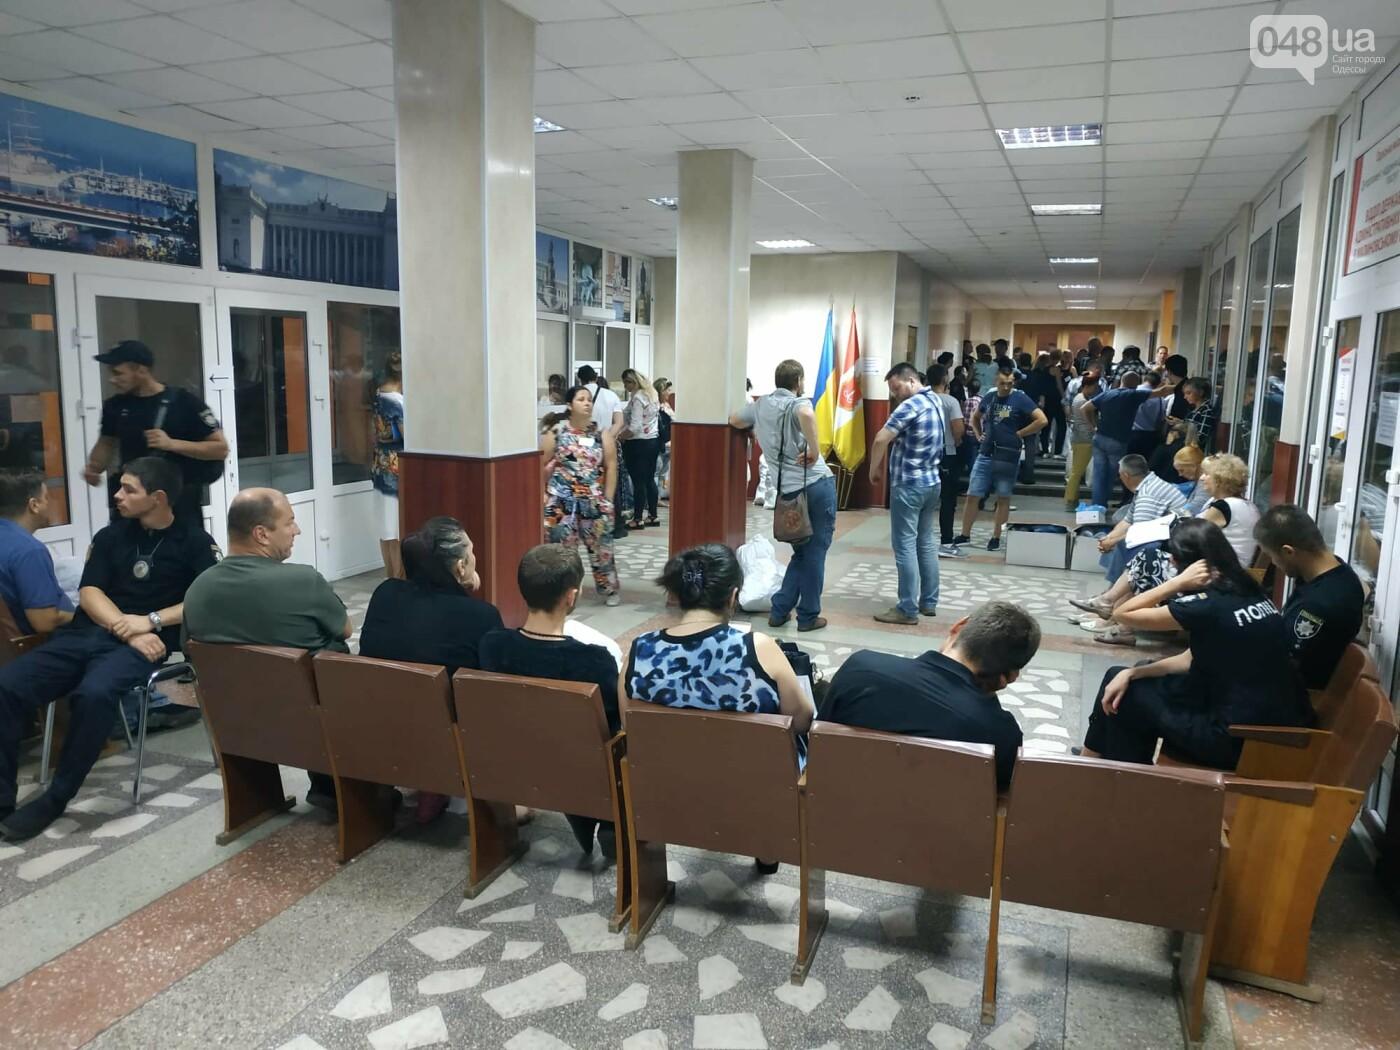 Как прошла ночь в ОИК в Одессе: полиция закрывает глаза на нарушения, - ФОТО, фото-11